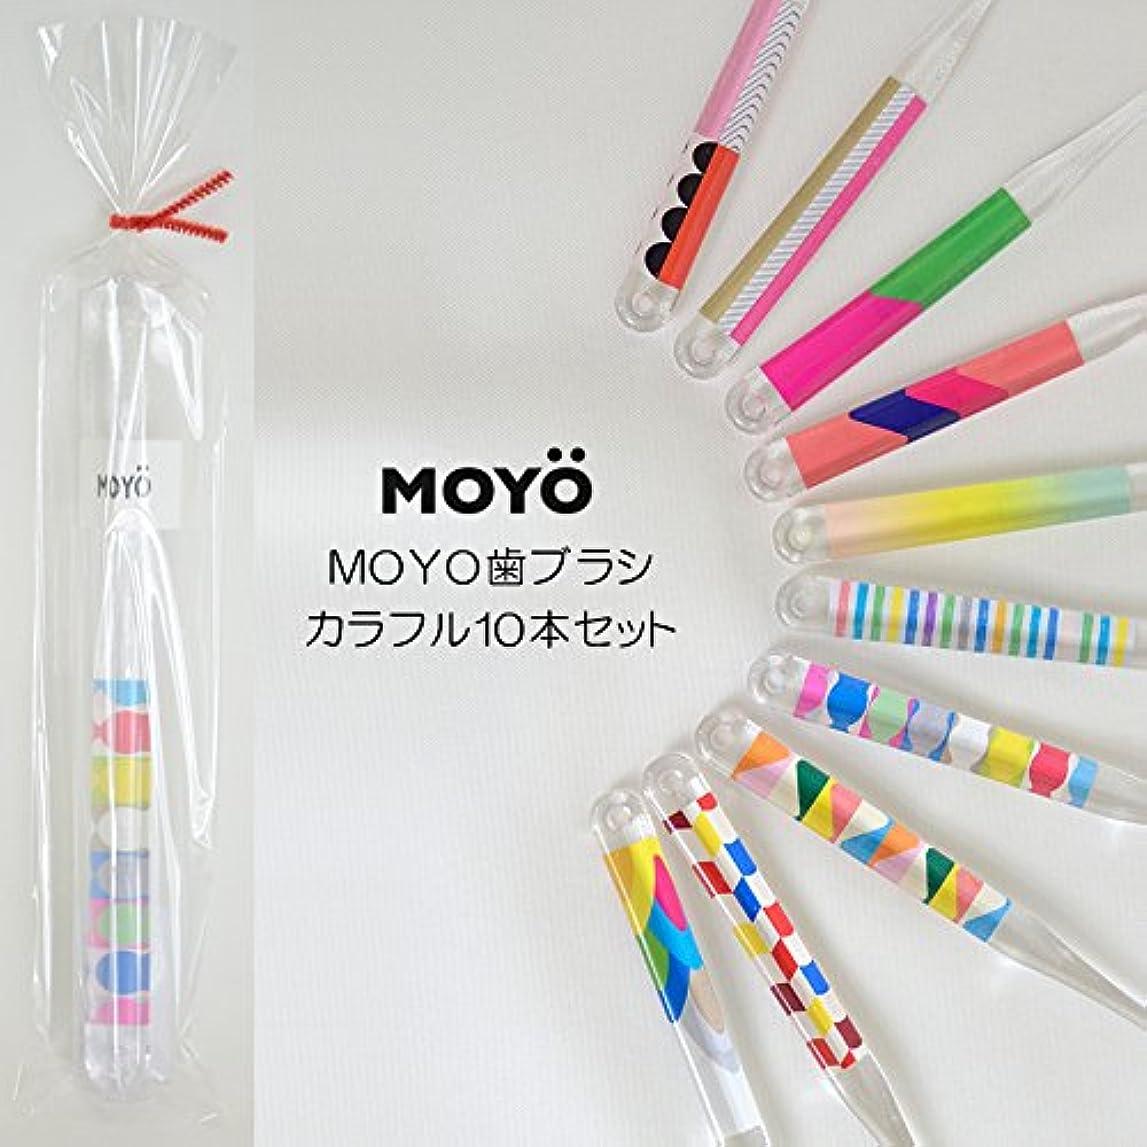 開始征服する開拓者MOYO モヨウ カラフル10本 プチ ギフト セット_562302-colorful 【F】,カラフル10本セット